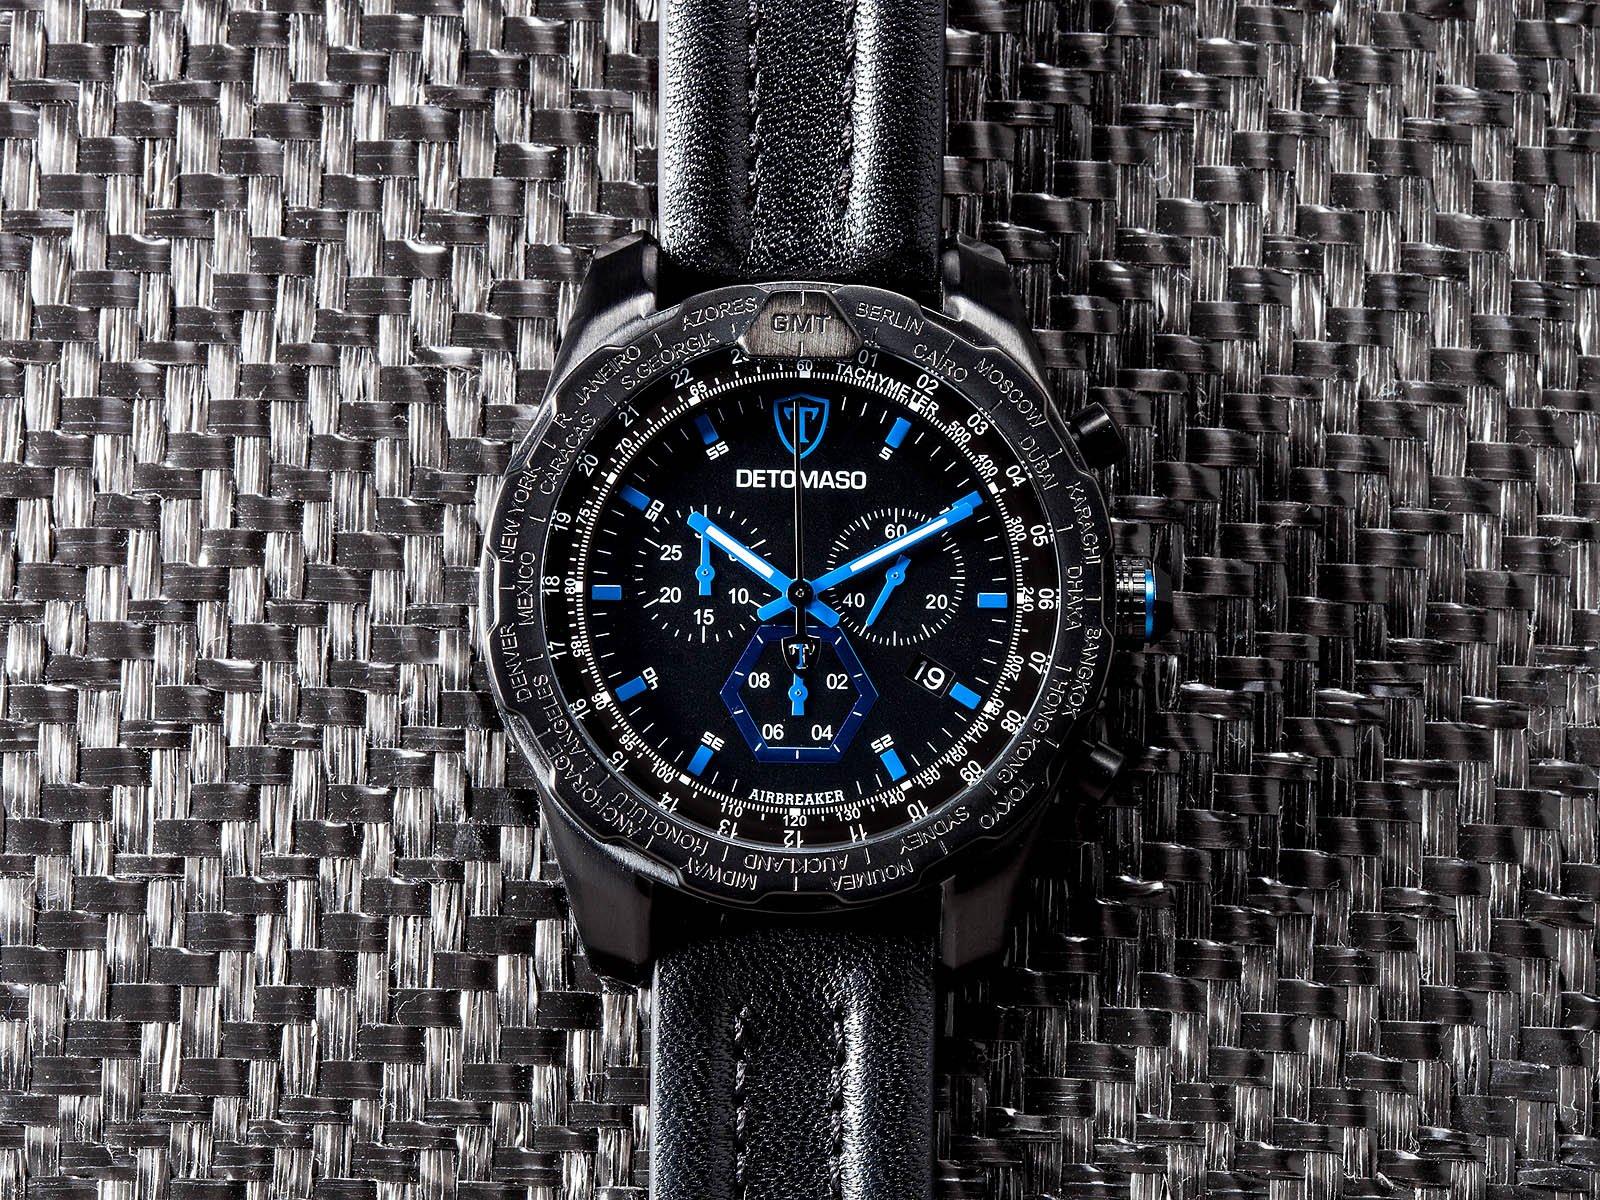 DeTomaso Airebreaker – Reloj de Cuarzo para Hombres, con Correa de